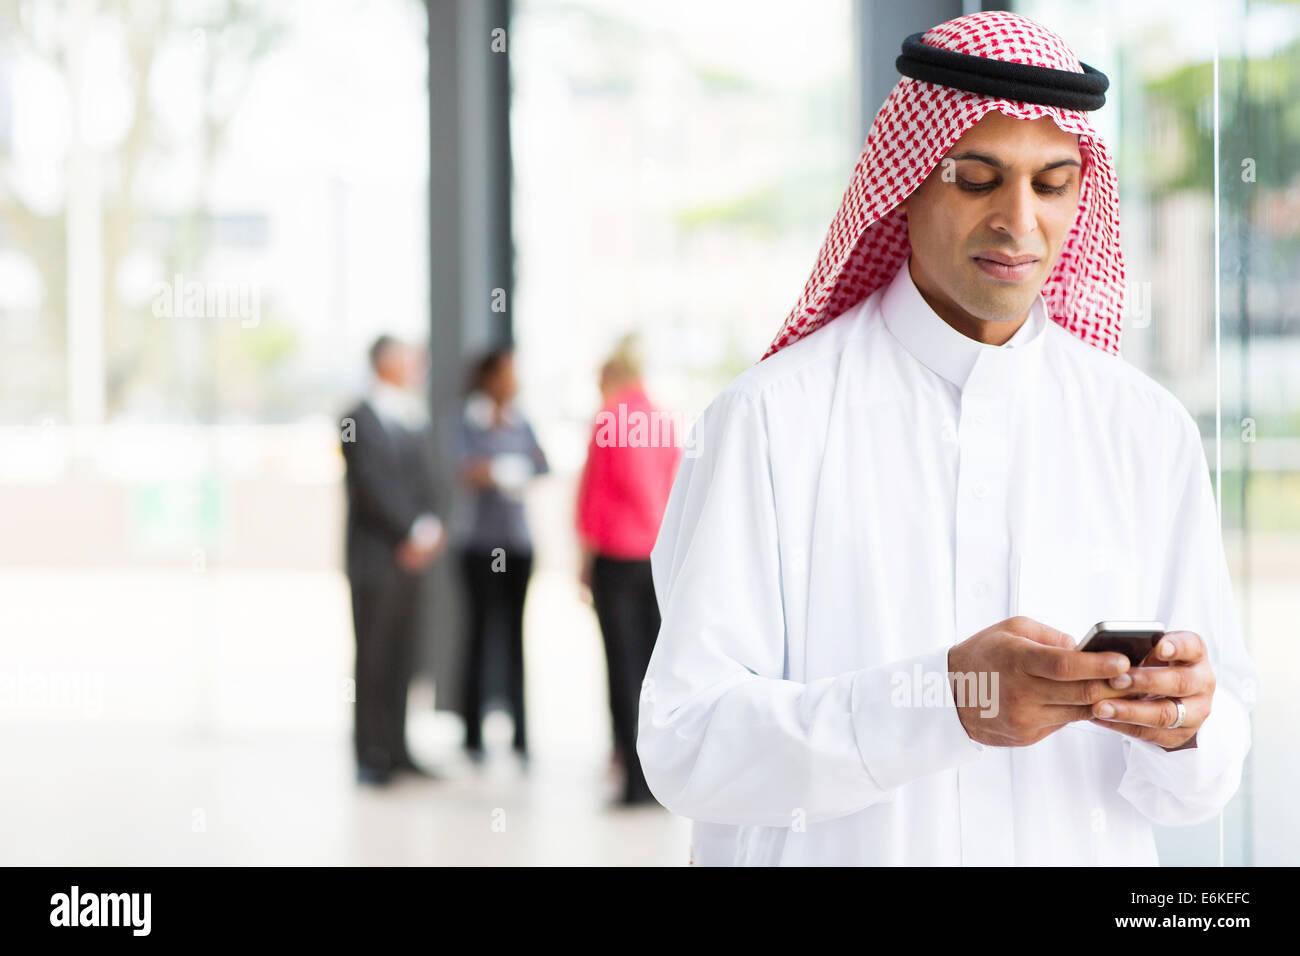 Empresario islámico moderno usando teléfonos inteligentes. Imagen De Stock